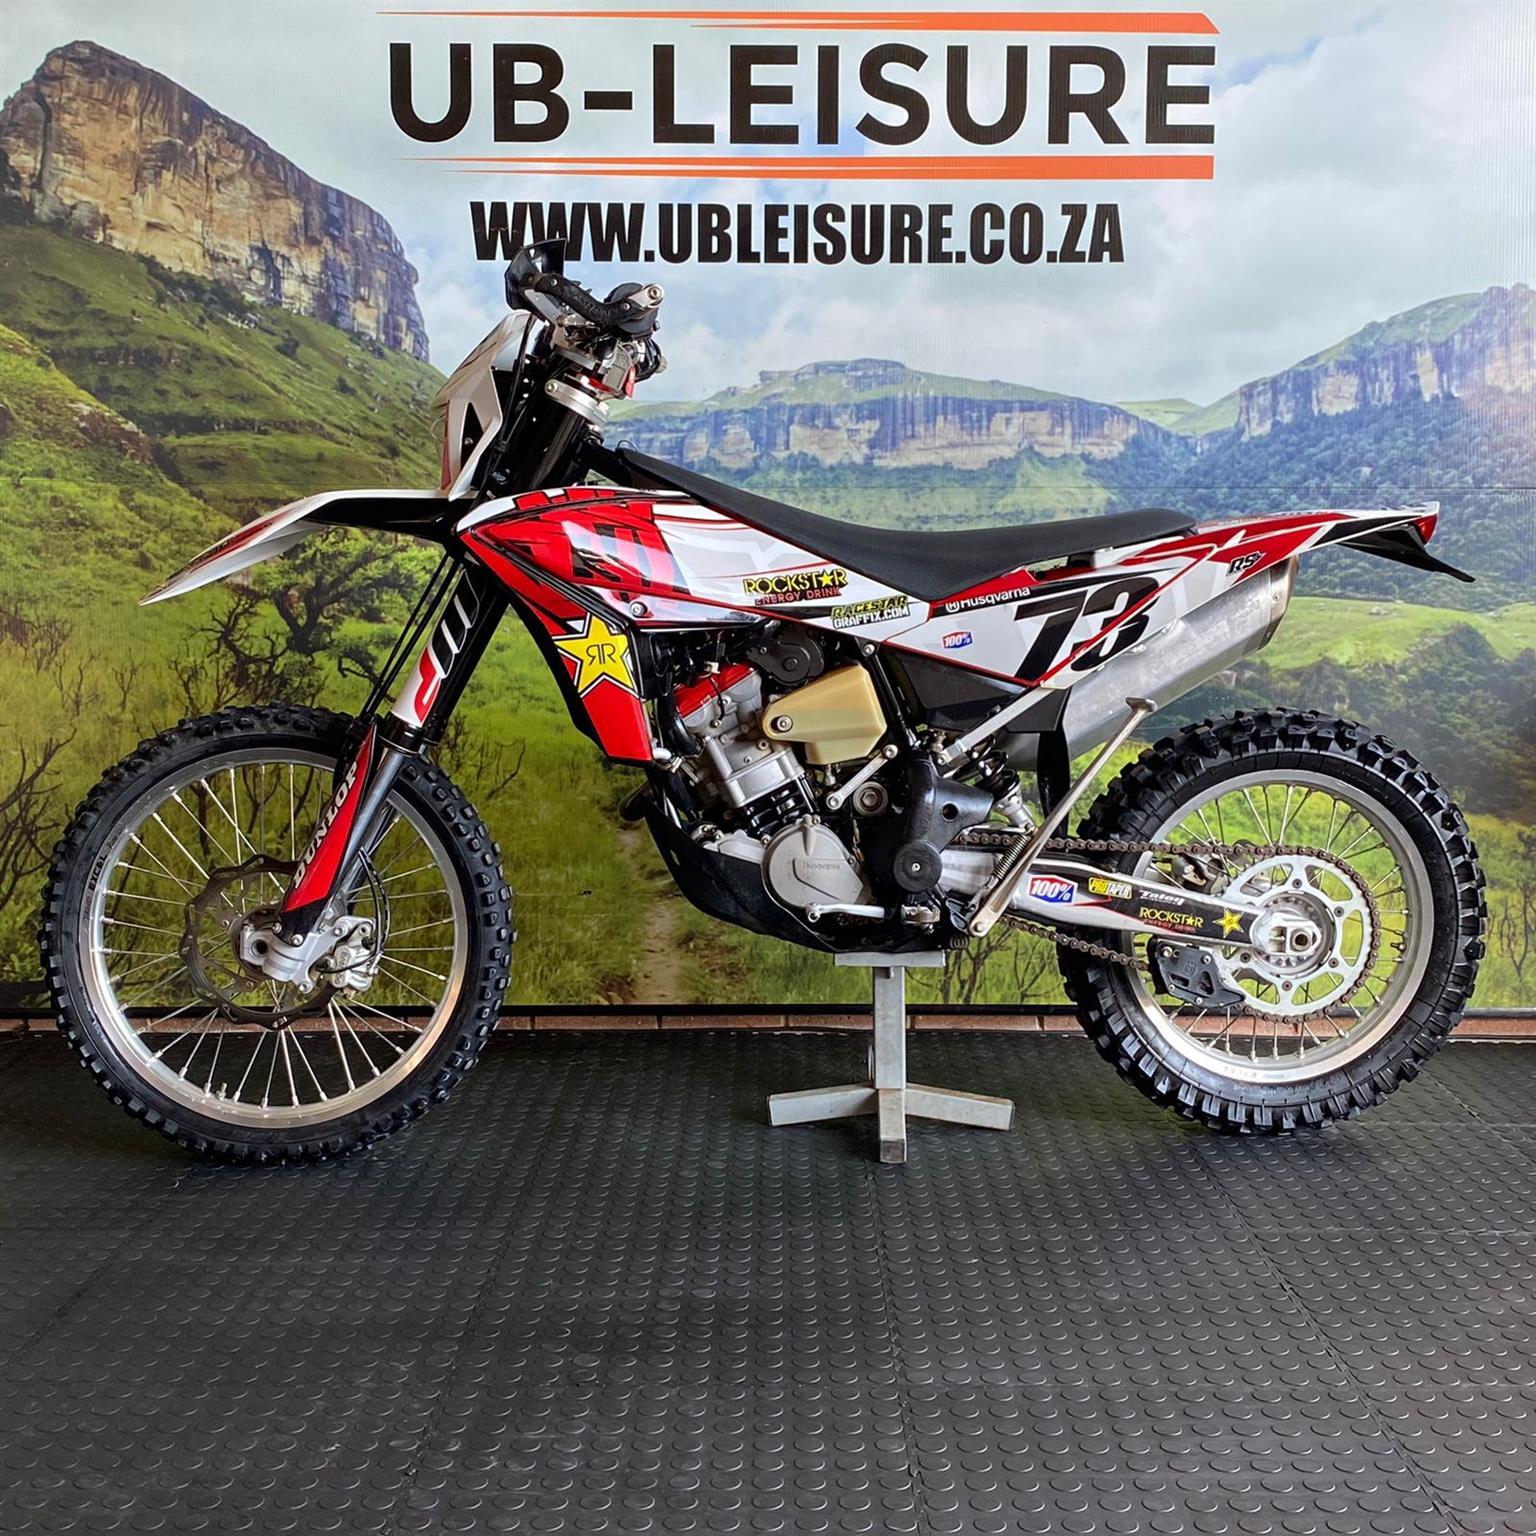 2013 HUSQVARNA FE 450 | UB LEISURE